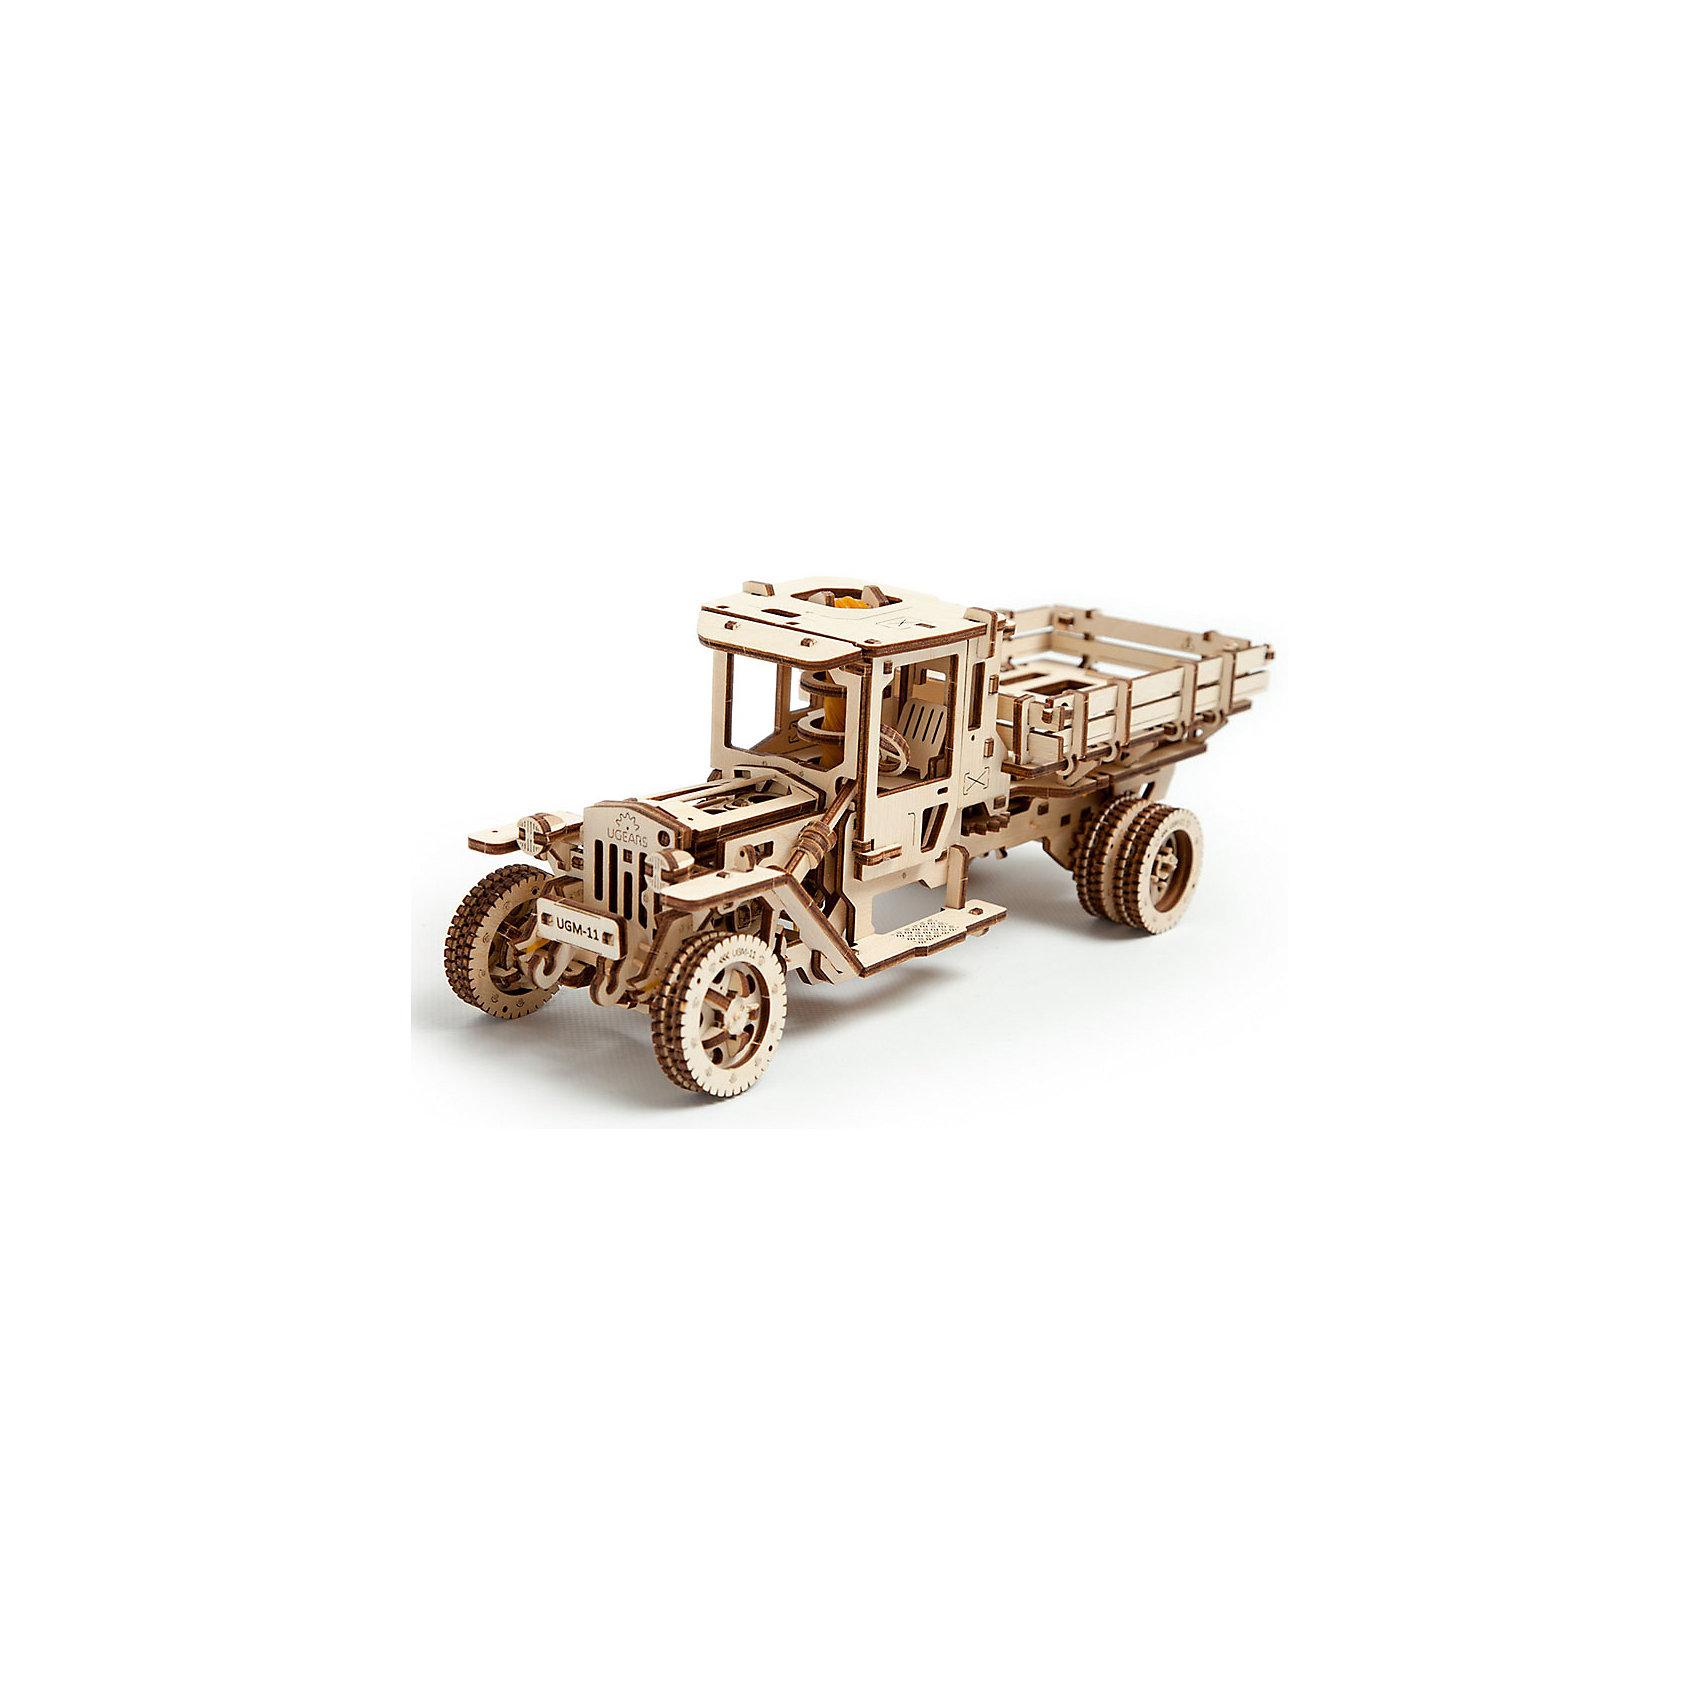 Грузовик UGM-11, UGEARSДеревянные конструкторы<br>Топовая модель - Грузовик UGM-11 - это уменьшенная копия настоящего автомобиля!<br><br>Данная модель состоит из двигателя, трансмиссии и коробки передач. Модель может двигаться как вперед, так и назад. <br>Длина автомобиля: 34 см<br>Ширина автомобиля: 14 см<br>Высота автомобиля: 13 см<br>Максимальное время снаряженная масса: 1267 г<br>Максимальная скорость: 1.8 км/ч<br><br>Дополнительная информация:<br><br>Размер грузовика: 340*140*130 мм<br>Размер упаковки: 37*17*4см<br>Количество деталей: 420<br>Расчетное время сборки: 10-12 часов<br><br>Ширина мм: 383<br>Глубина мм: 172<br>Высота мм: 40<br>Вес г: 1308<br>Возраст от месяцев: 168<br>Возраст до месяцев: 2147483647<br>Пол: Мужской<br>Возраст: Детский<br>SKU: 5226412